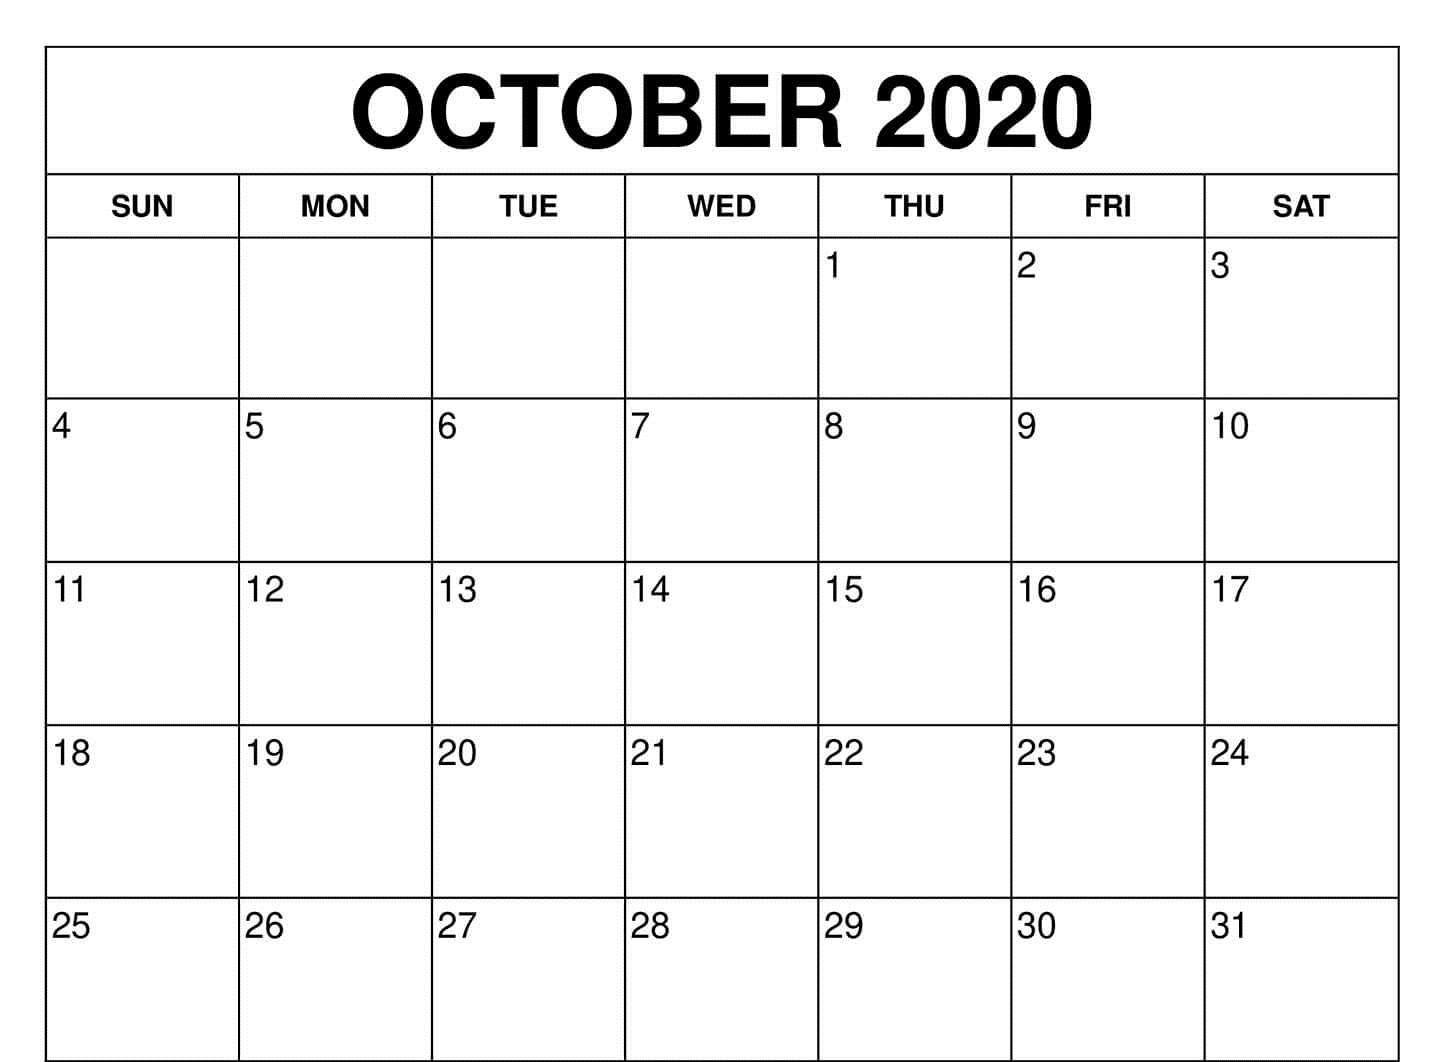 Fillable Calendar For October 2020 Printable Editable